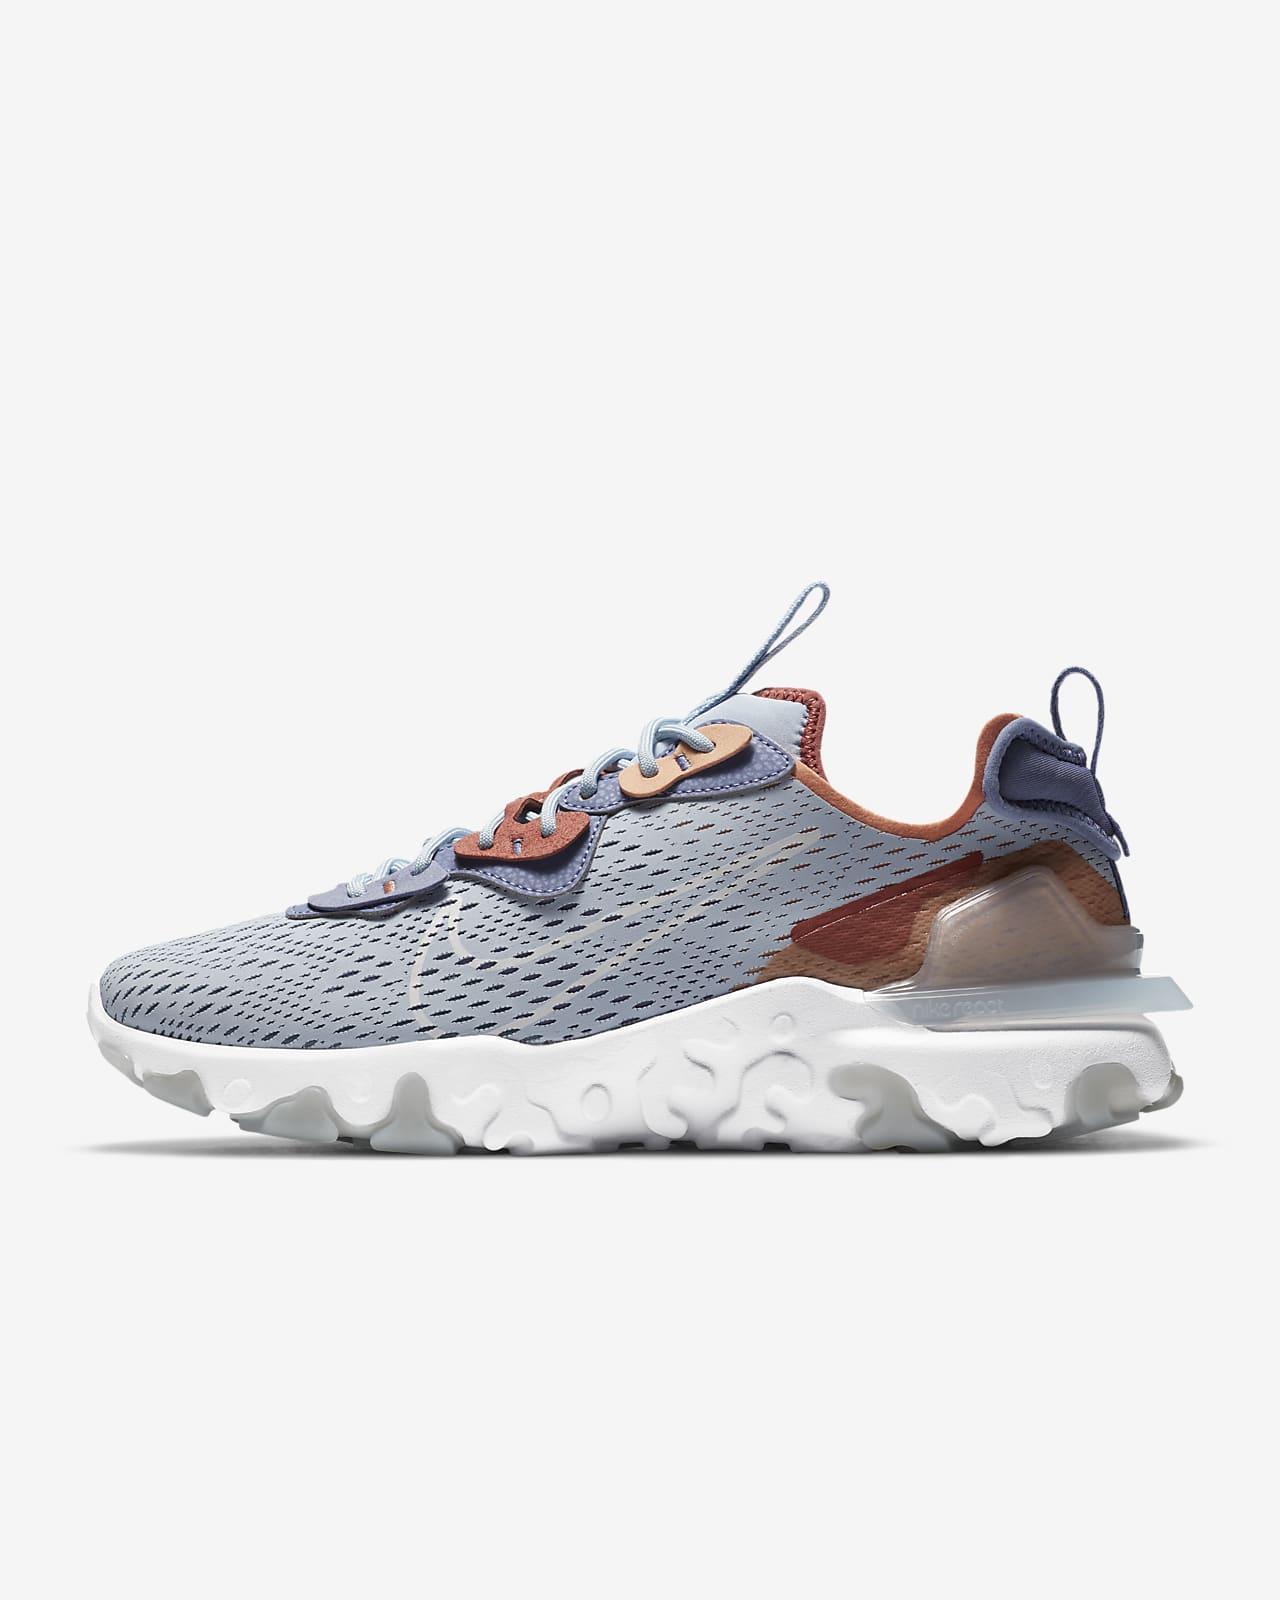 รองเท้าผู้ชาย Nike React Vision